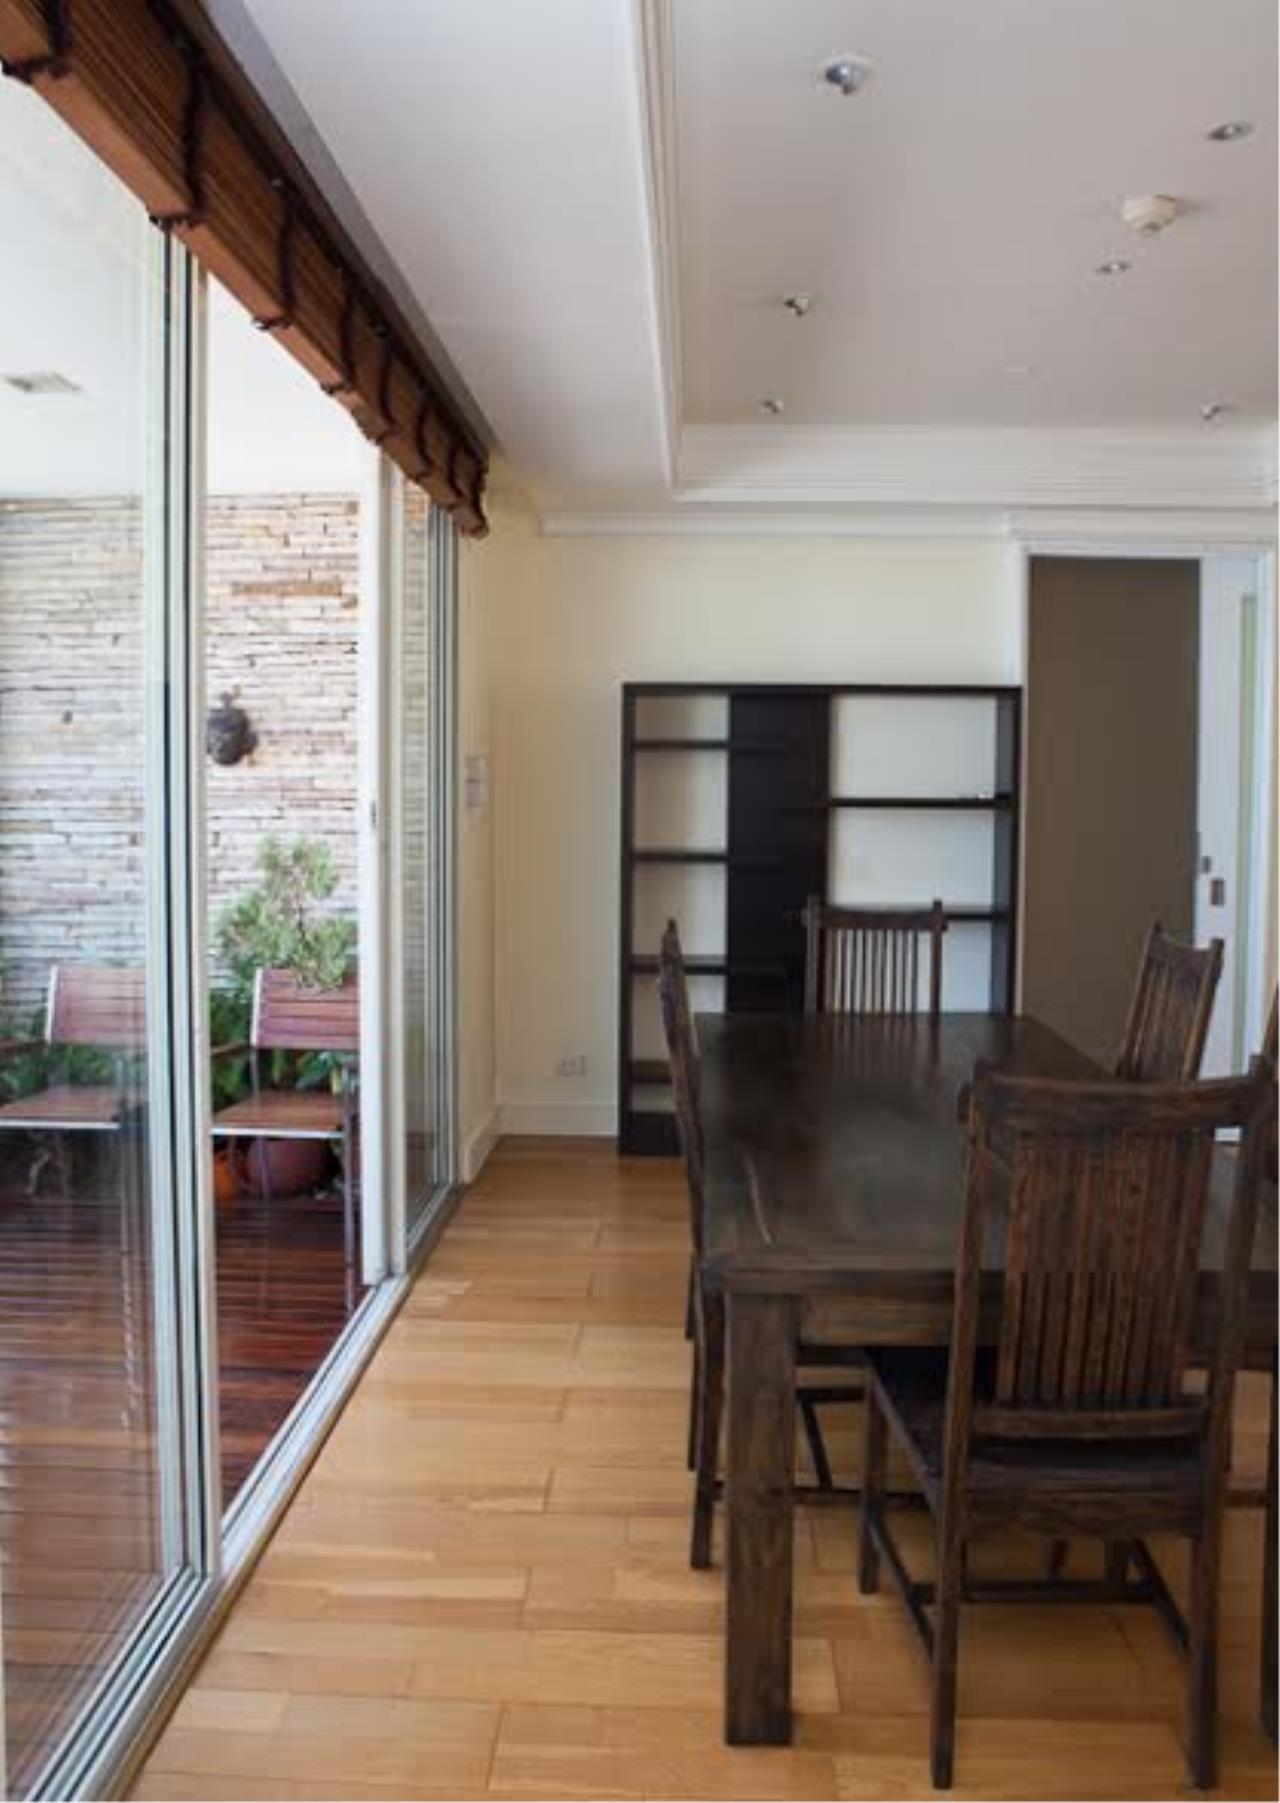 RE/MAX BestLife Agency's Hampton Court Rent 3 bedrooms Thong Lor 14